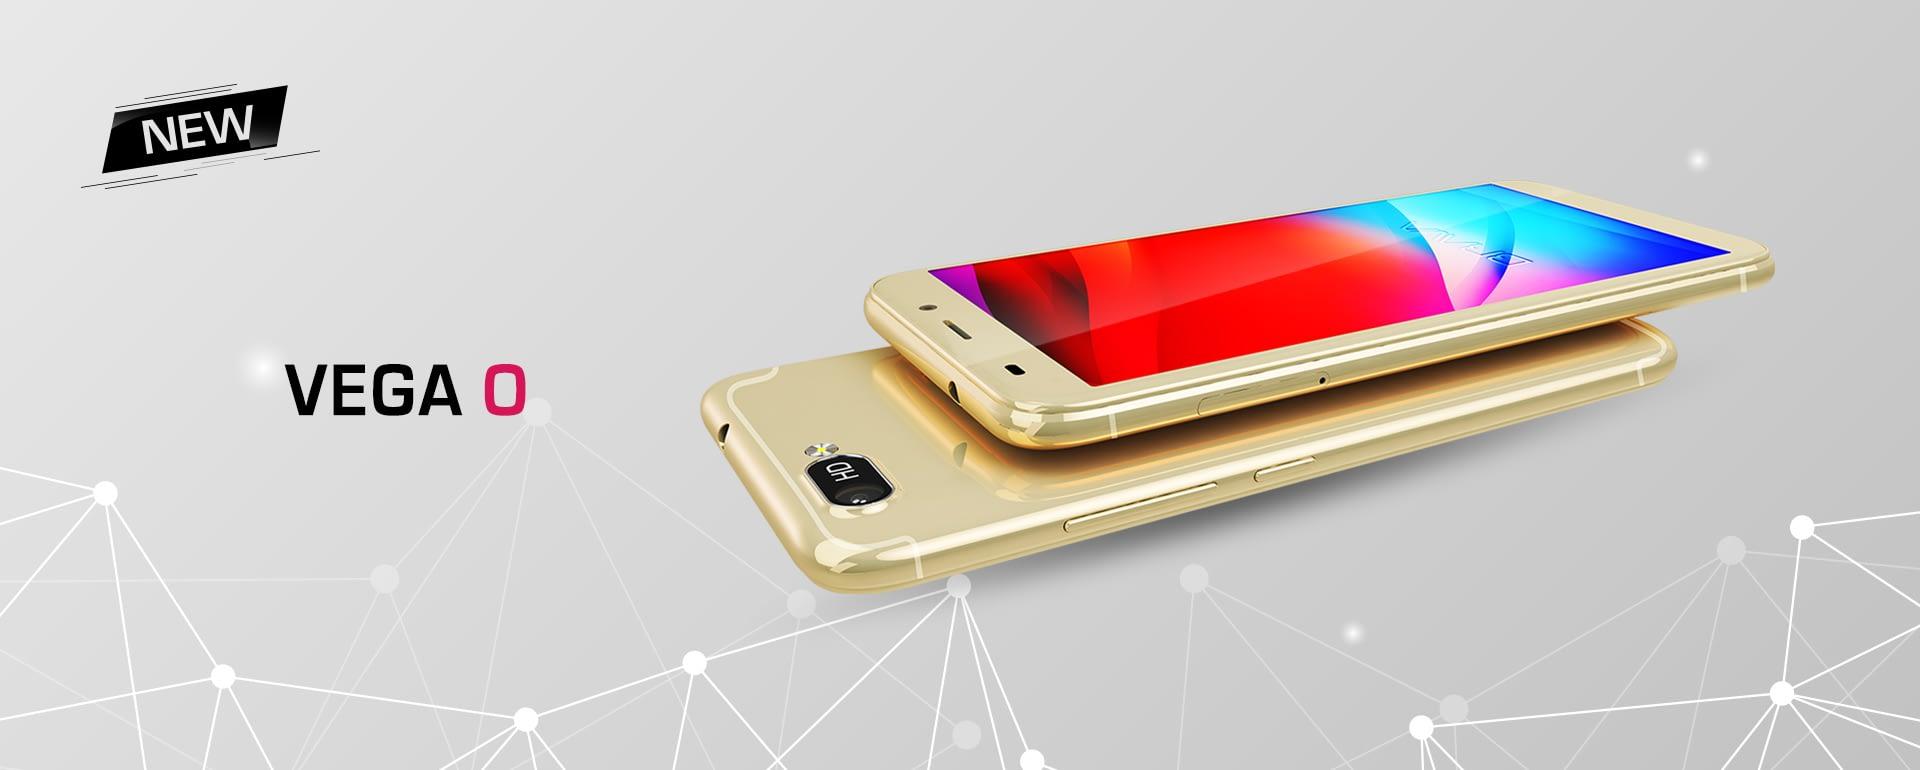 Vega-O-Slide2.jpg